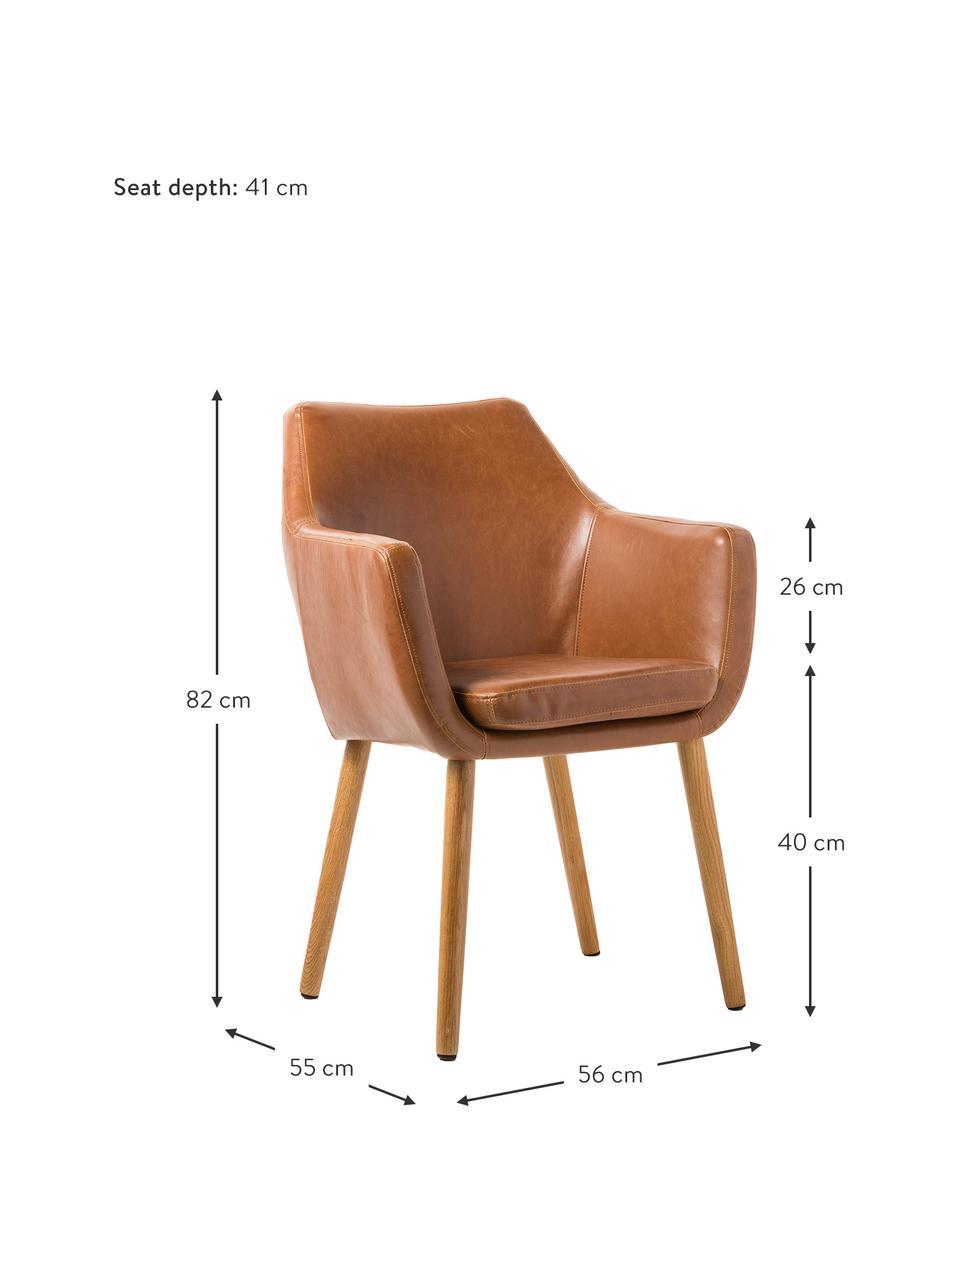 Krzesło z podłokietnikami ze sztucznej skóry Nora, Tapicerka: sztuczna skóra, poliureta, Nogi: drewno dębowe, Sztuczna skóra: koniakowy, nogi: drewno dębowe, S 56 x G 55 cm